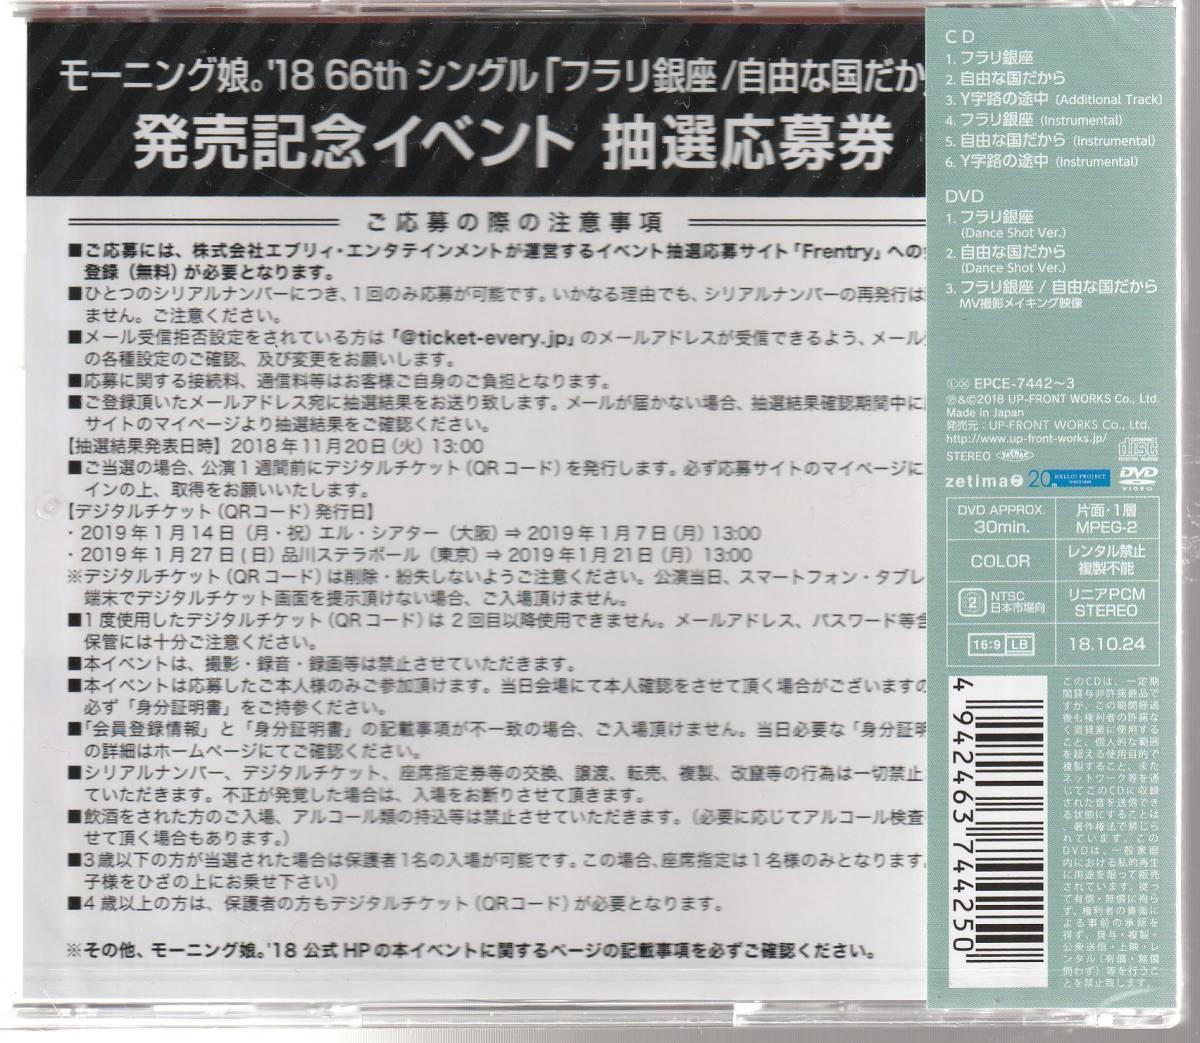 モーニング娘。'18 さん 「フラリ銀座/自由な国だから」 初回生産限定盤SP CD+DVD 未使用・未開封_画像2